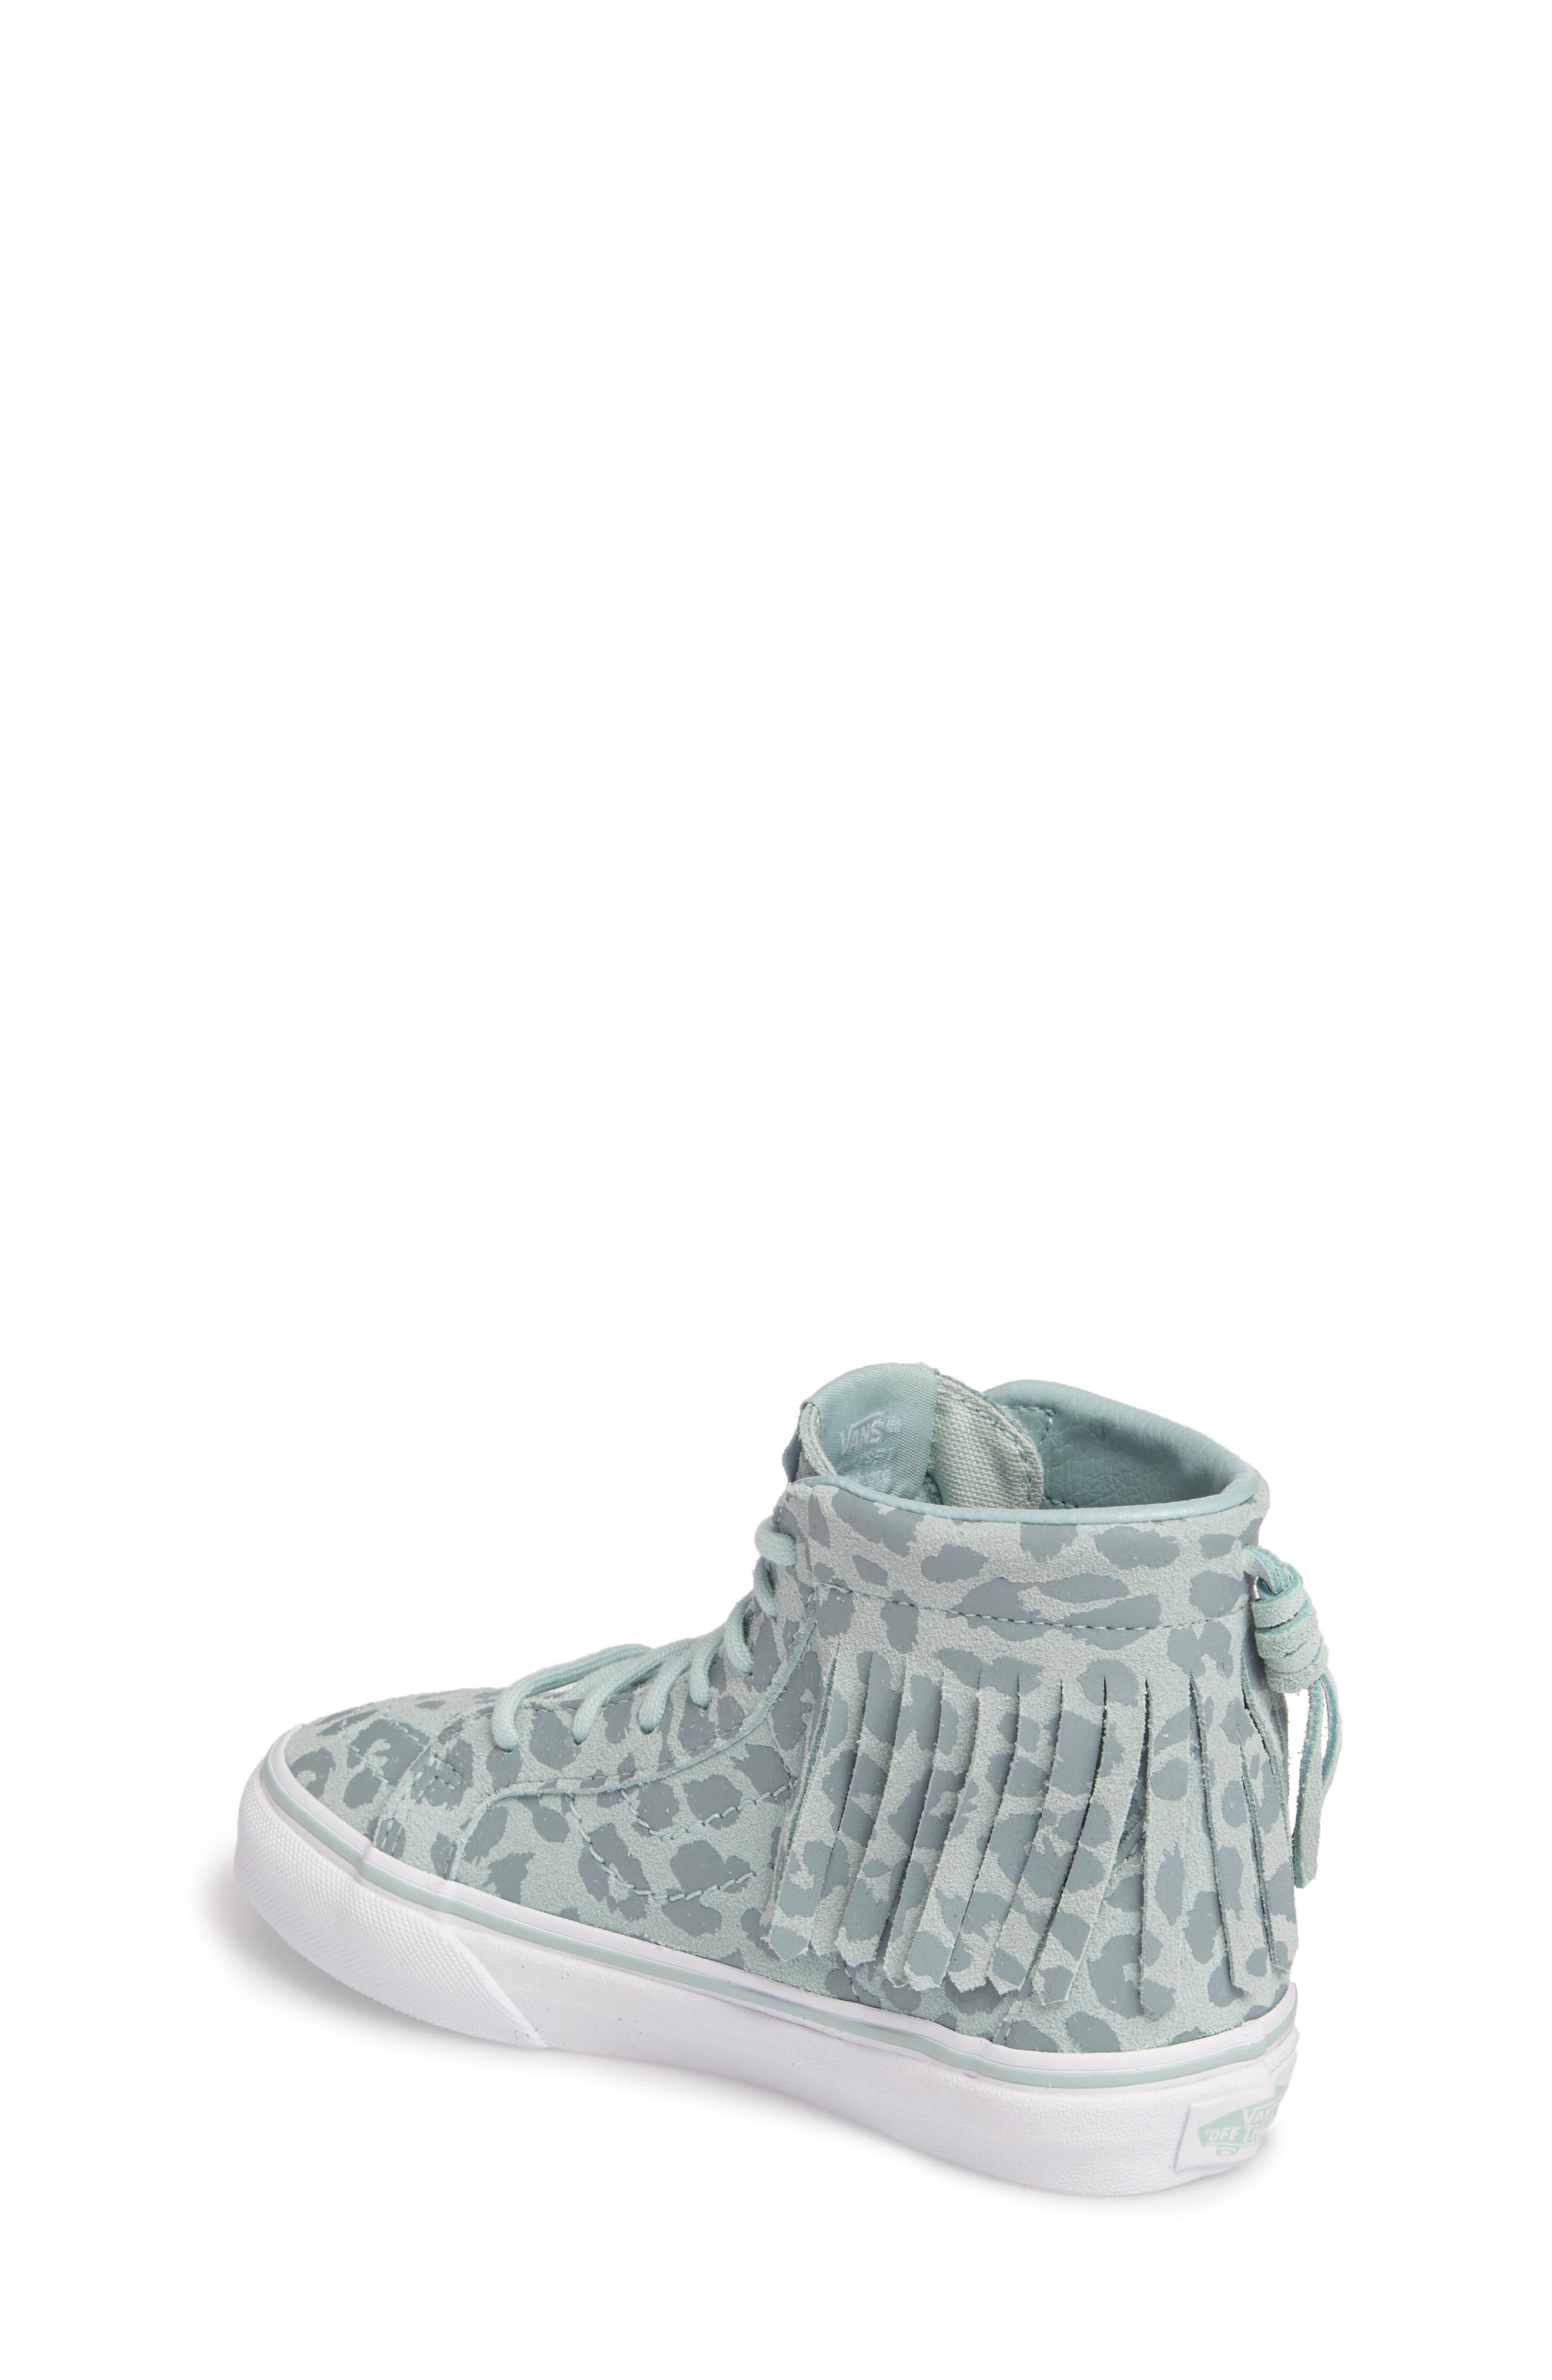 Alternate Image 2  - Vans Chukka V Moc Sneaker (Toddler, Little Kid & Big Kid)